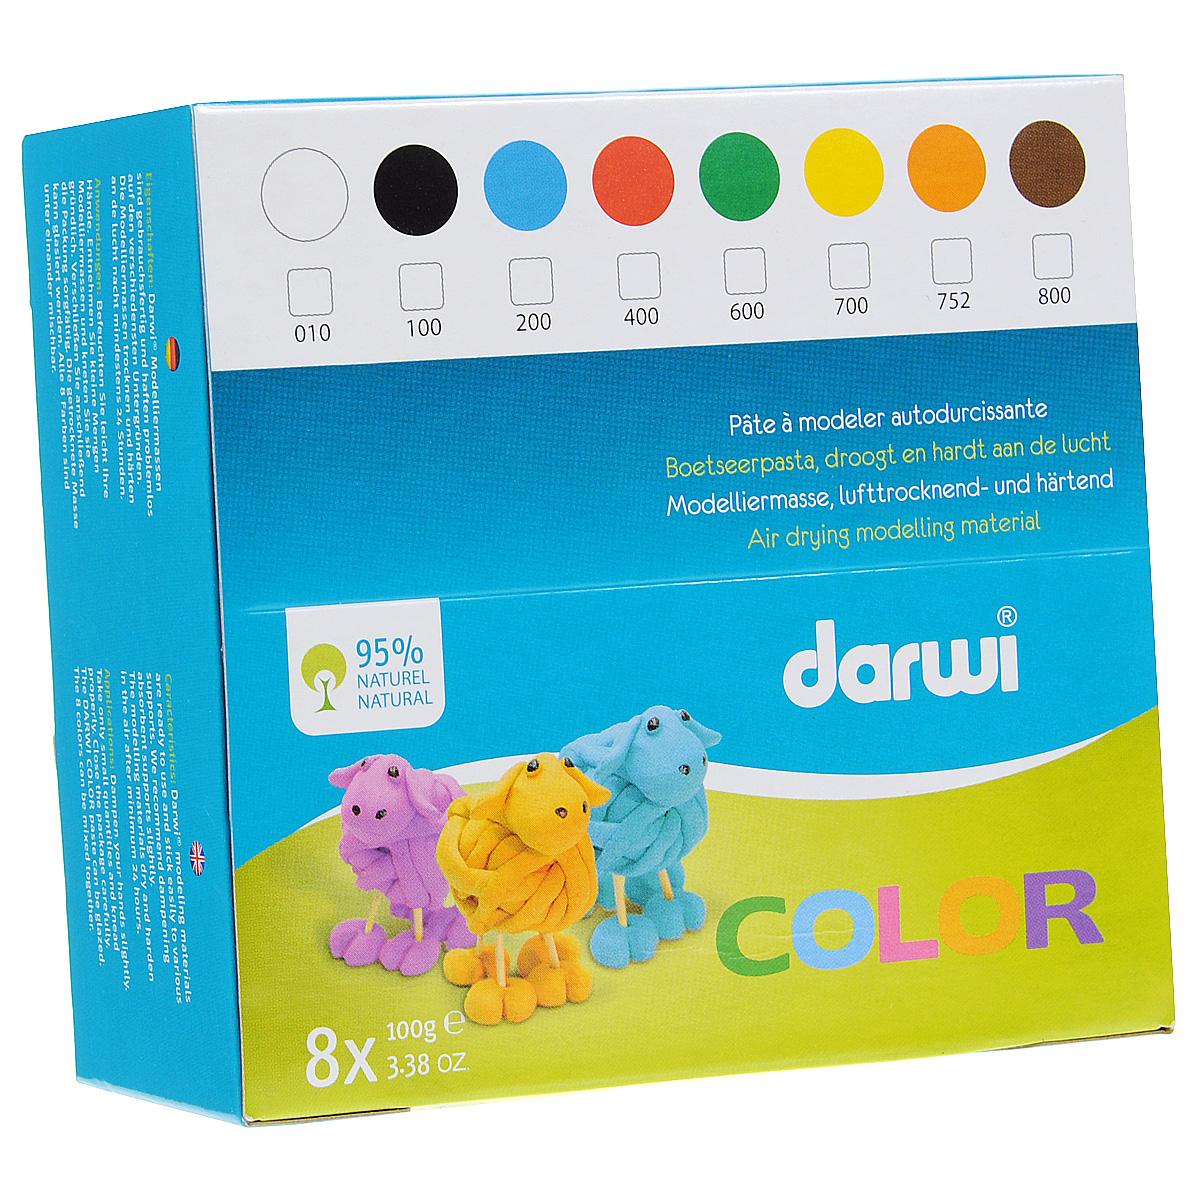 Набор массы для лепки DarwiI Color, 8 цветов, 100 г692532Набор для лепки DarwiI Color состоит из массы 8 цветов. Изделие имеет свойство отвердевать на воздухе. Время отвердения минимум 24 часа. После отвердения может покрываться лаком и подвергаться механической обработке. Предназначена для детей старше 3 лет.